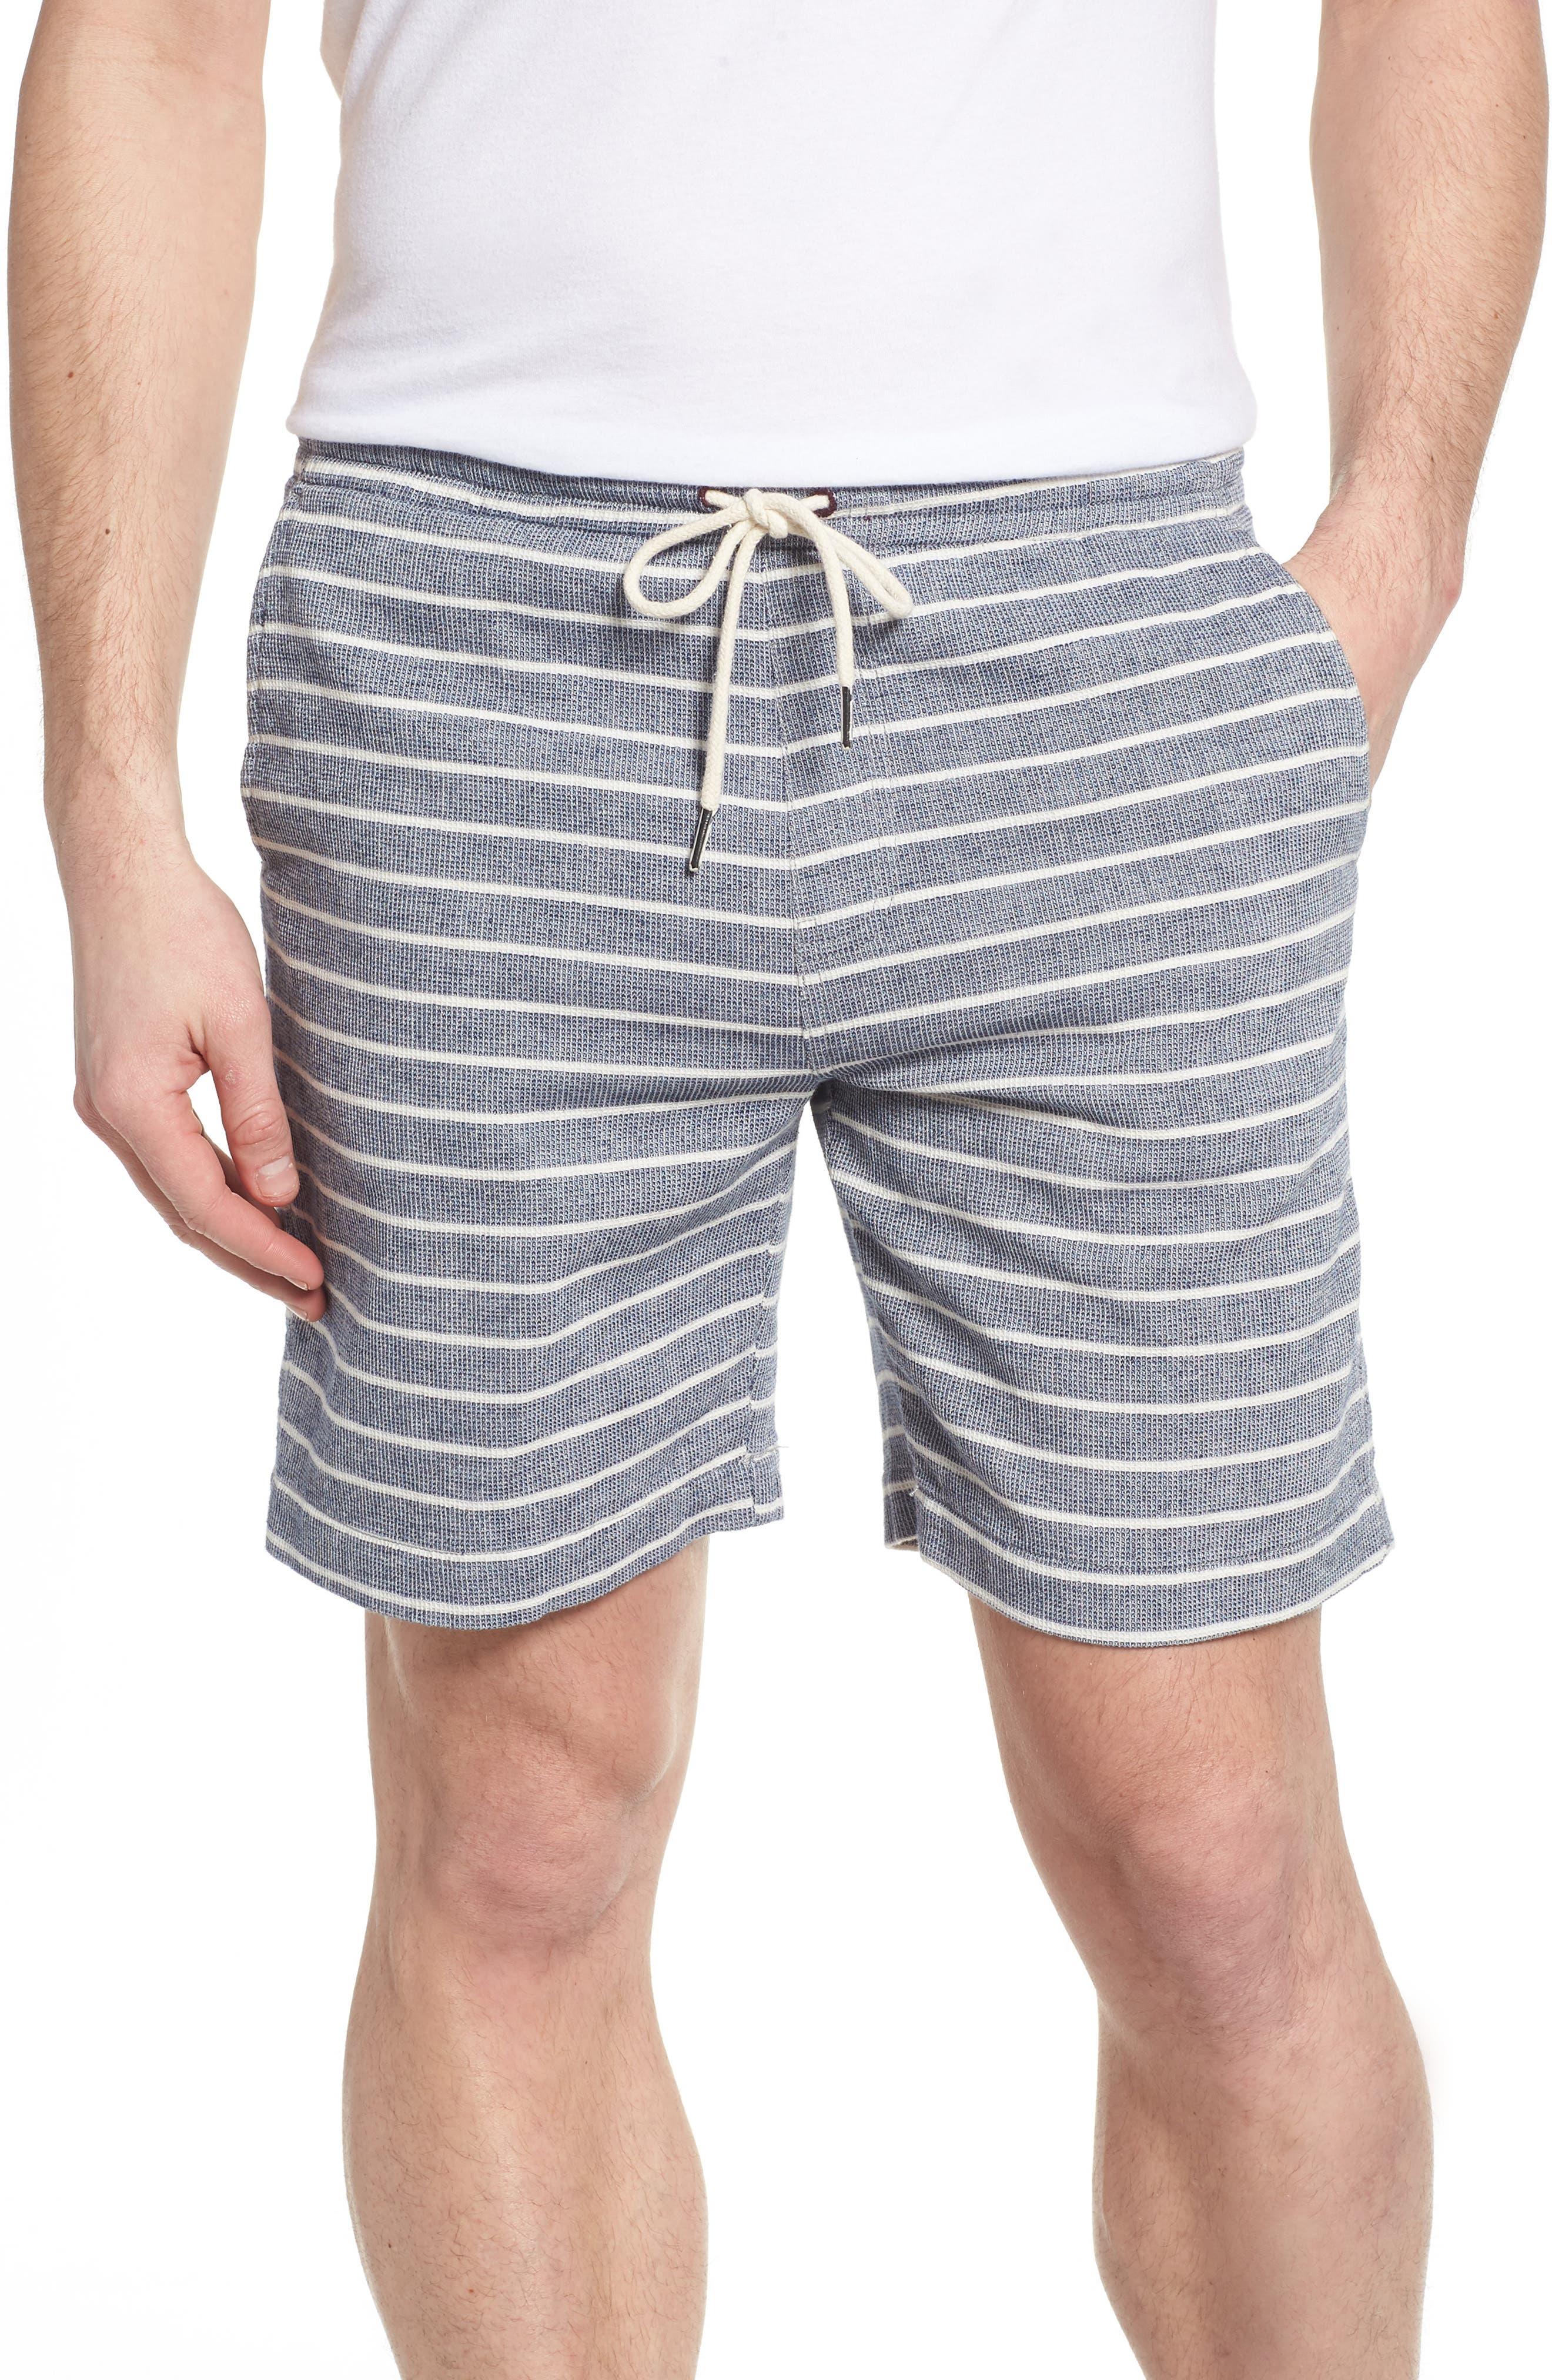 Steve Stripe Pull-On Shorts,                             Main thumbnail 1, color,                             Blue / White